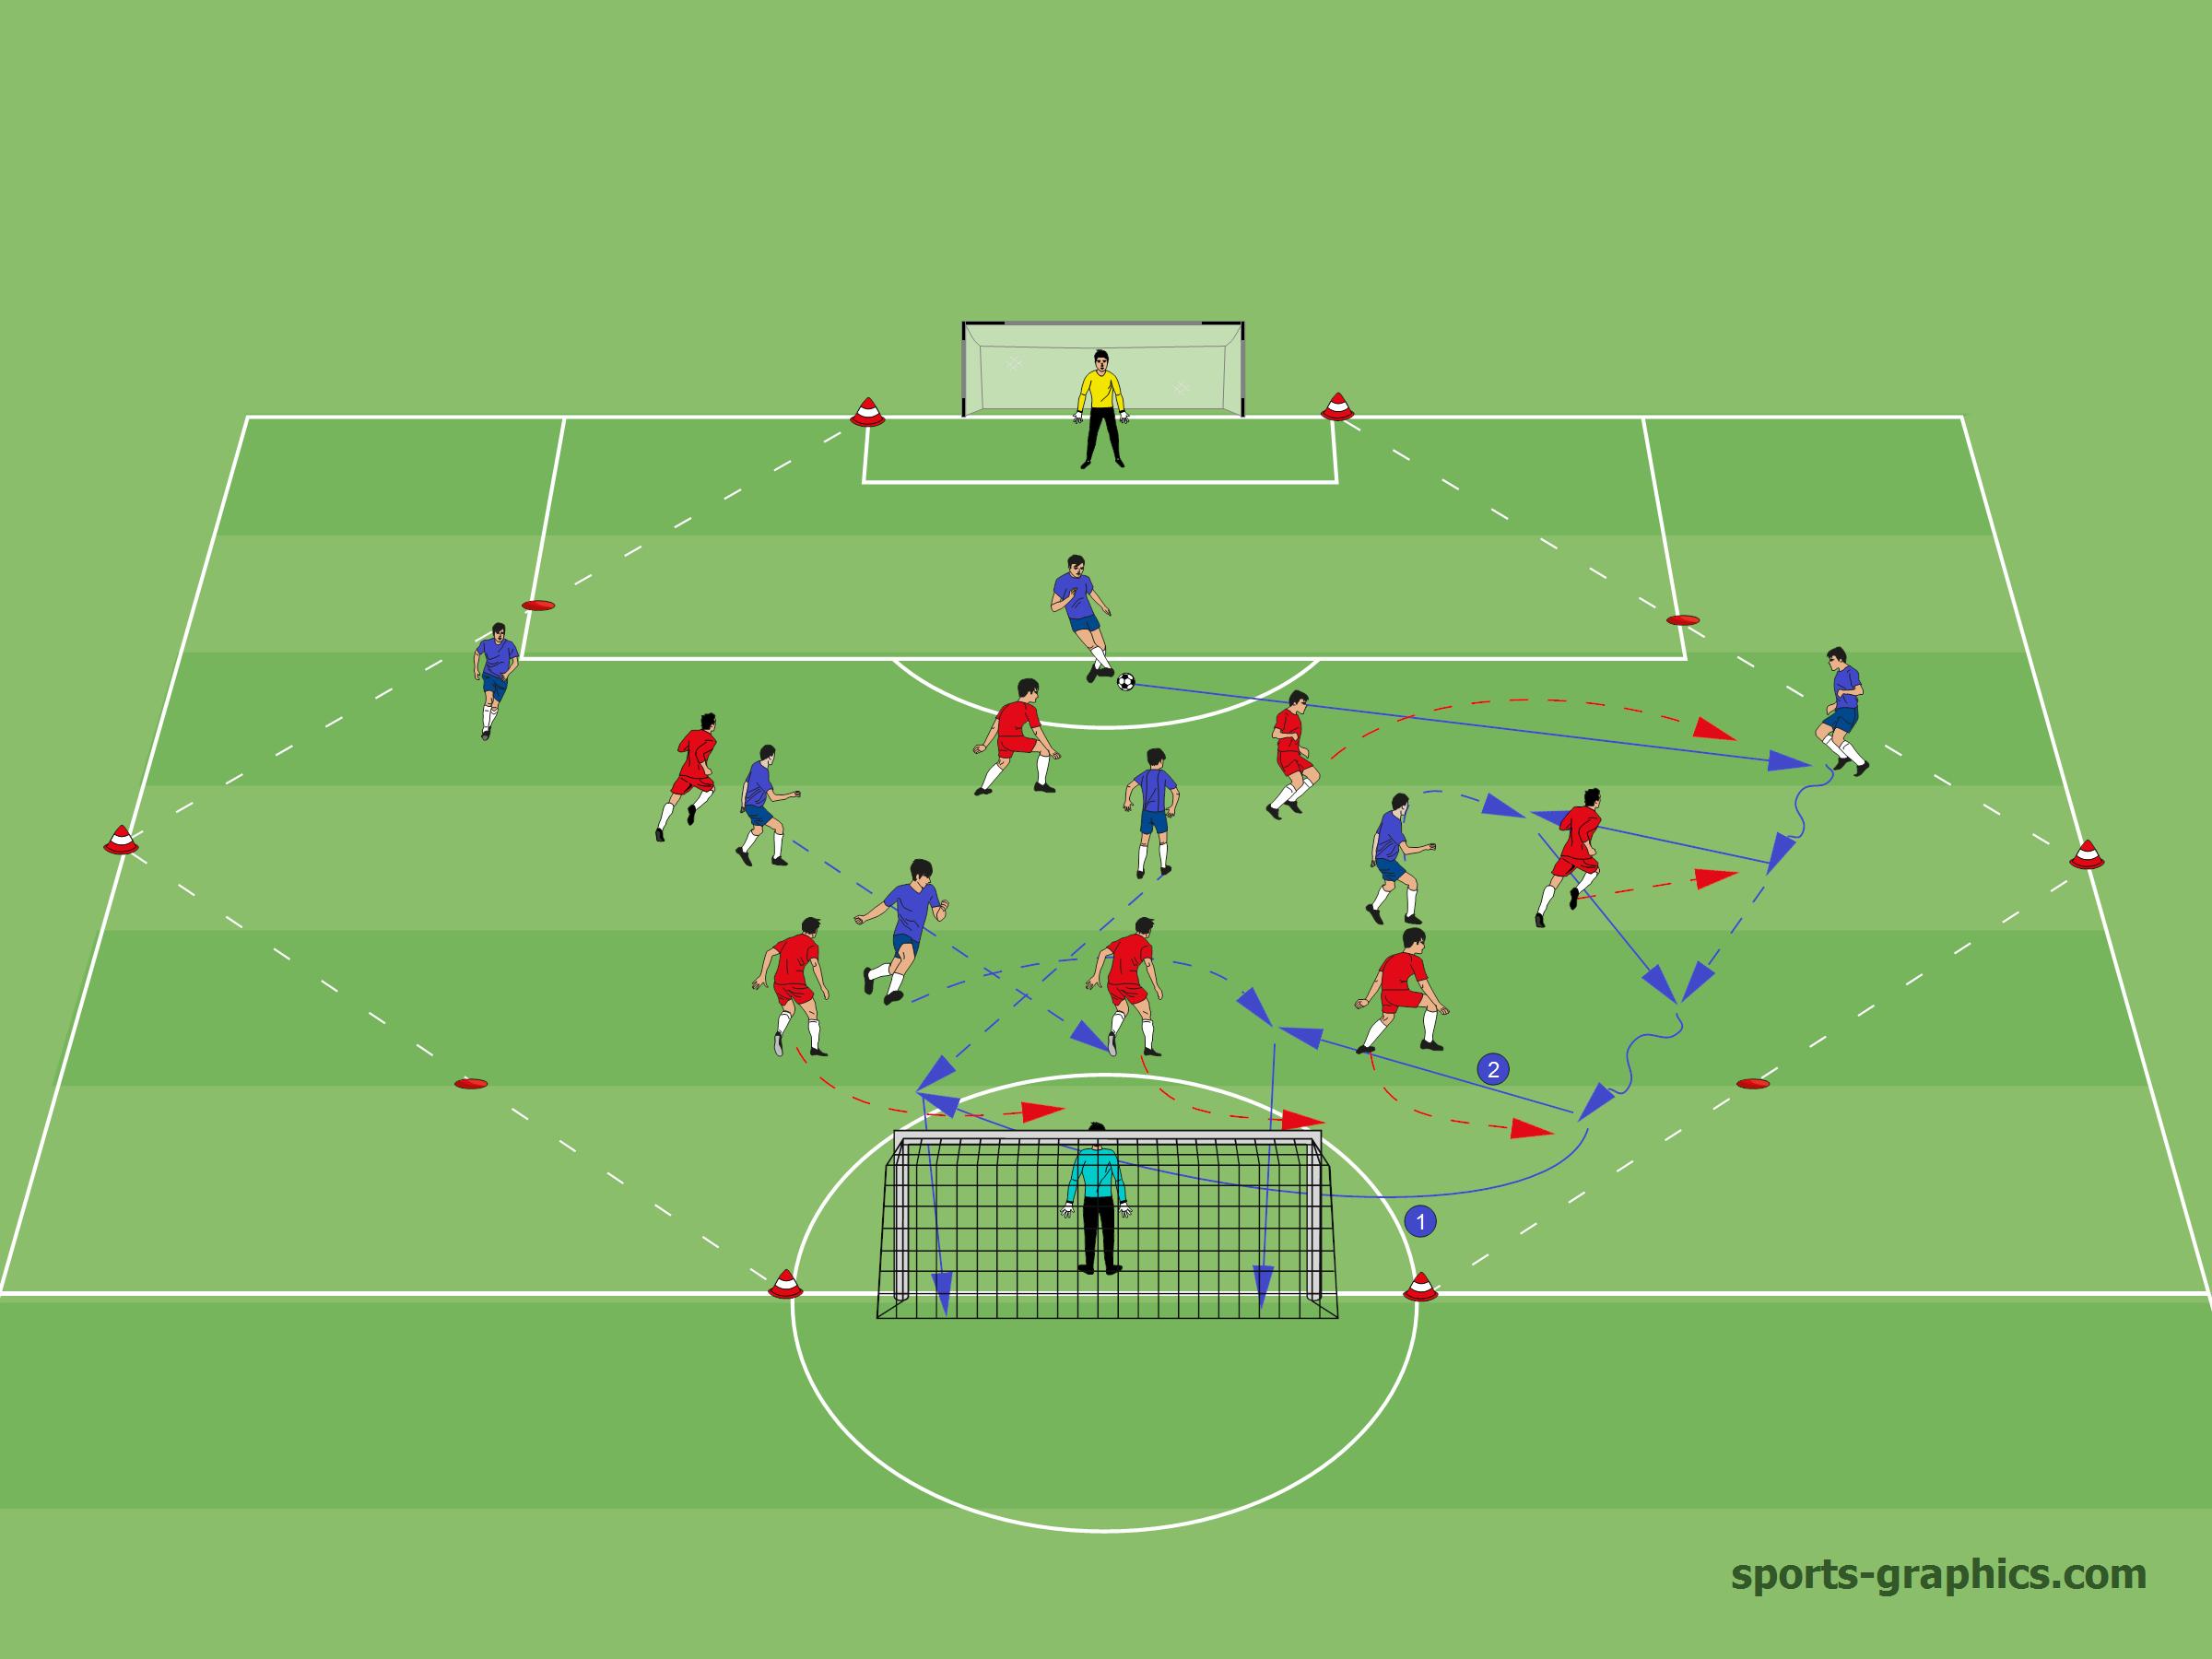 Spielform zum Gruppentaktischen Offensivspiel